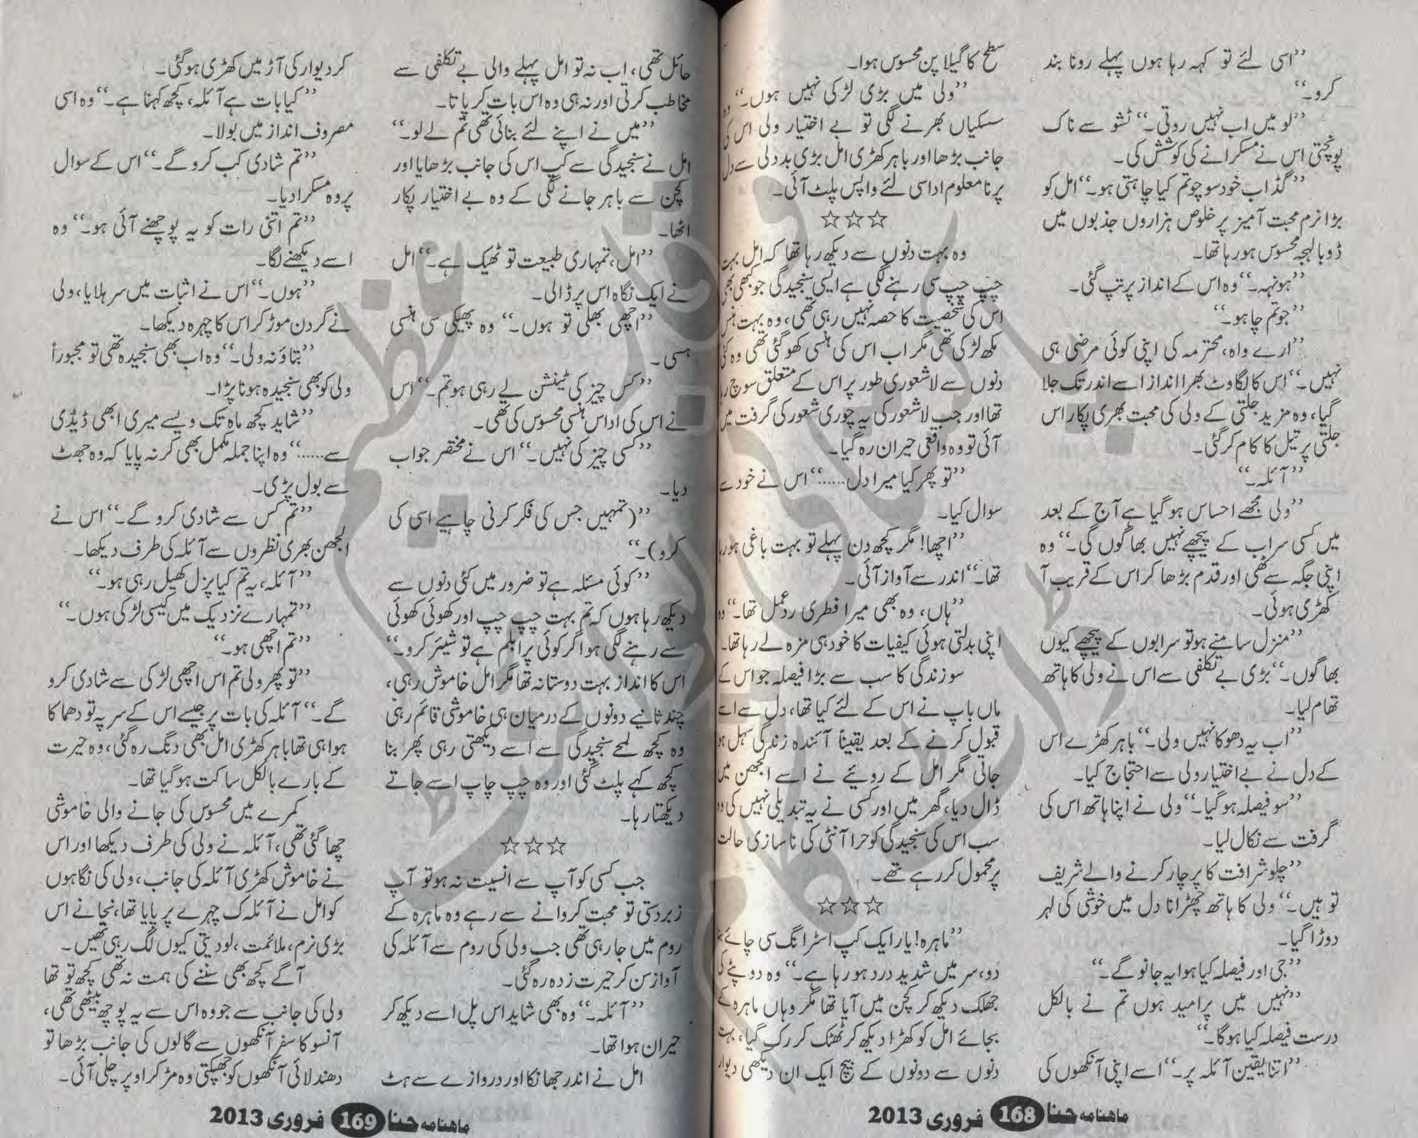 Free Urdu Digests: Meri ik nazar by Sadaf Ehjaz Online